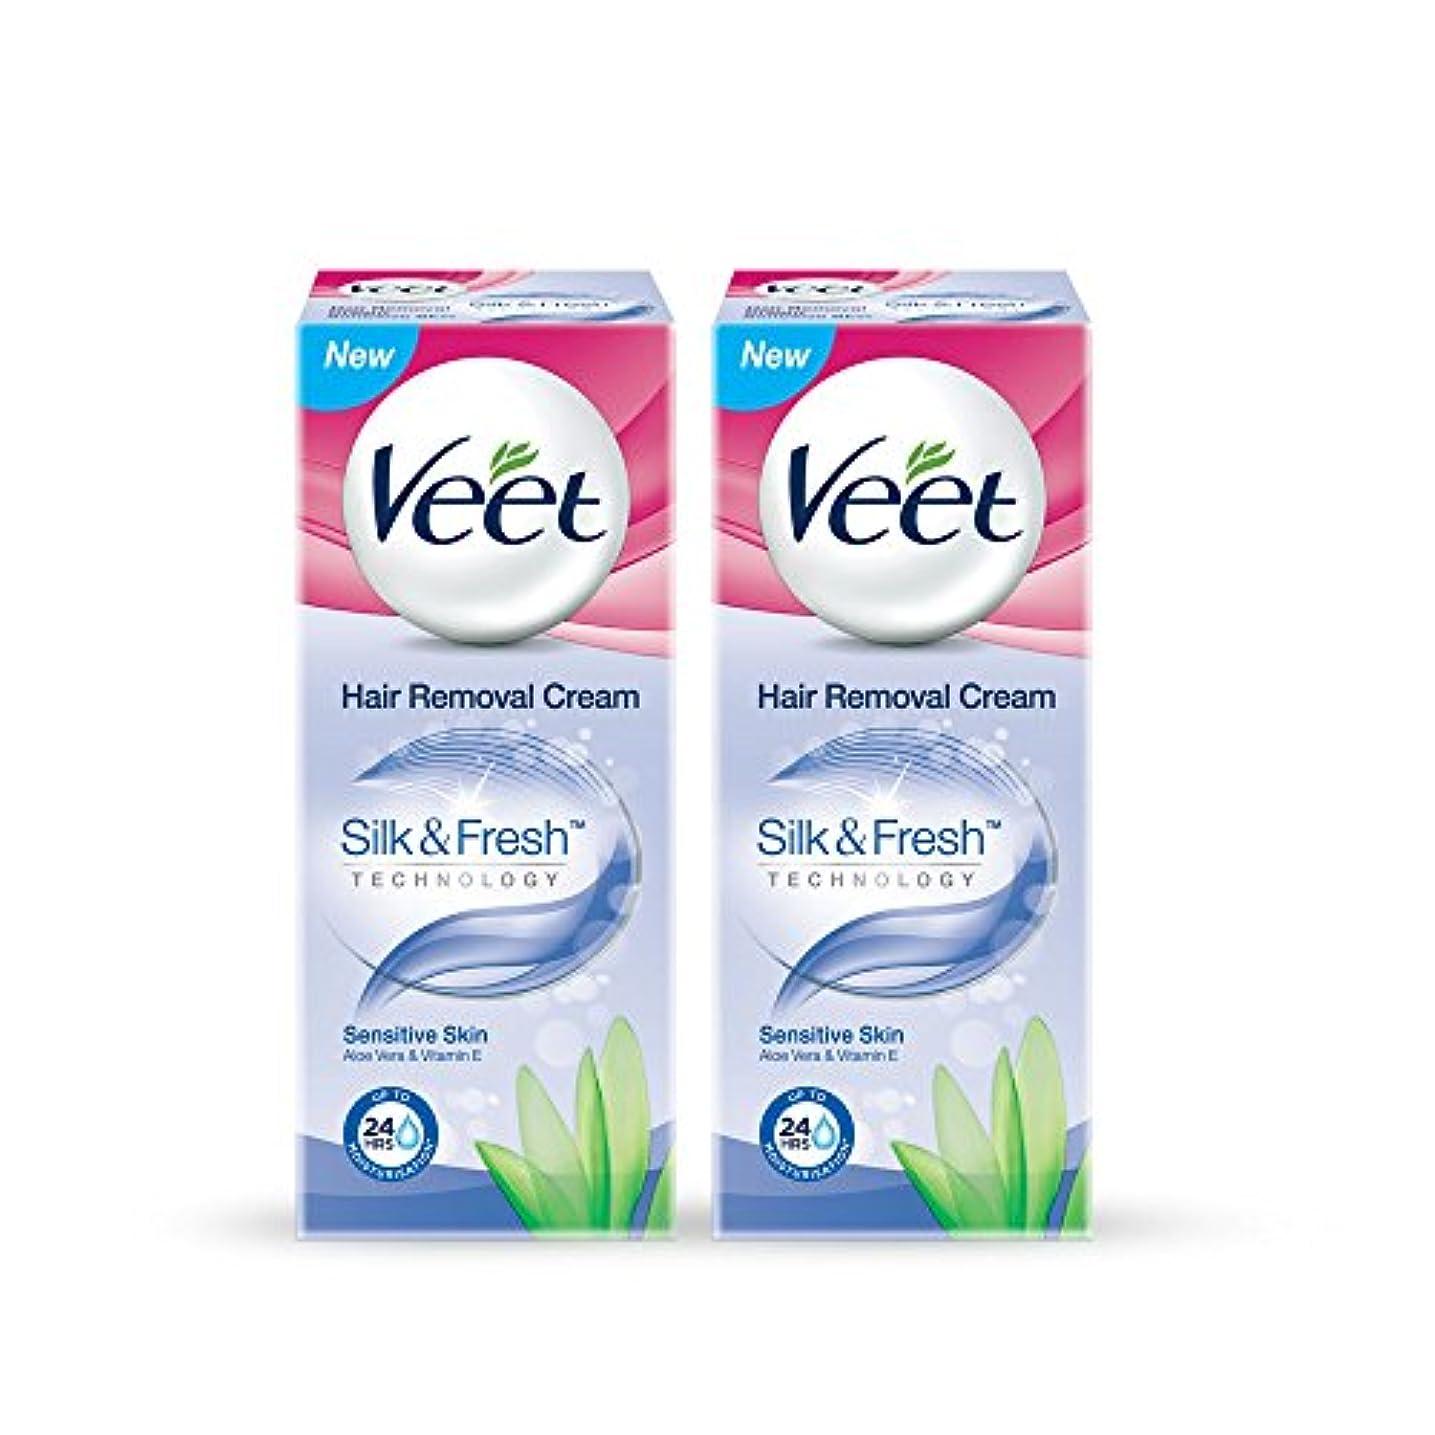 鎖文言生命体Veet Hair Removal Gel Cream For Sensitive Skin With Aloe Vera and Vitamin E 25 g (Pack of 2)